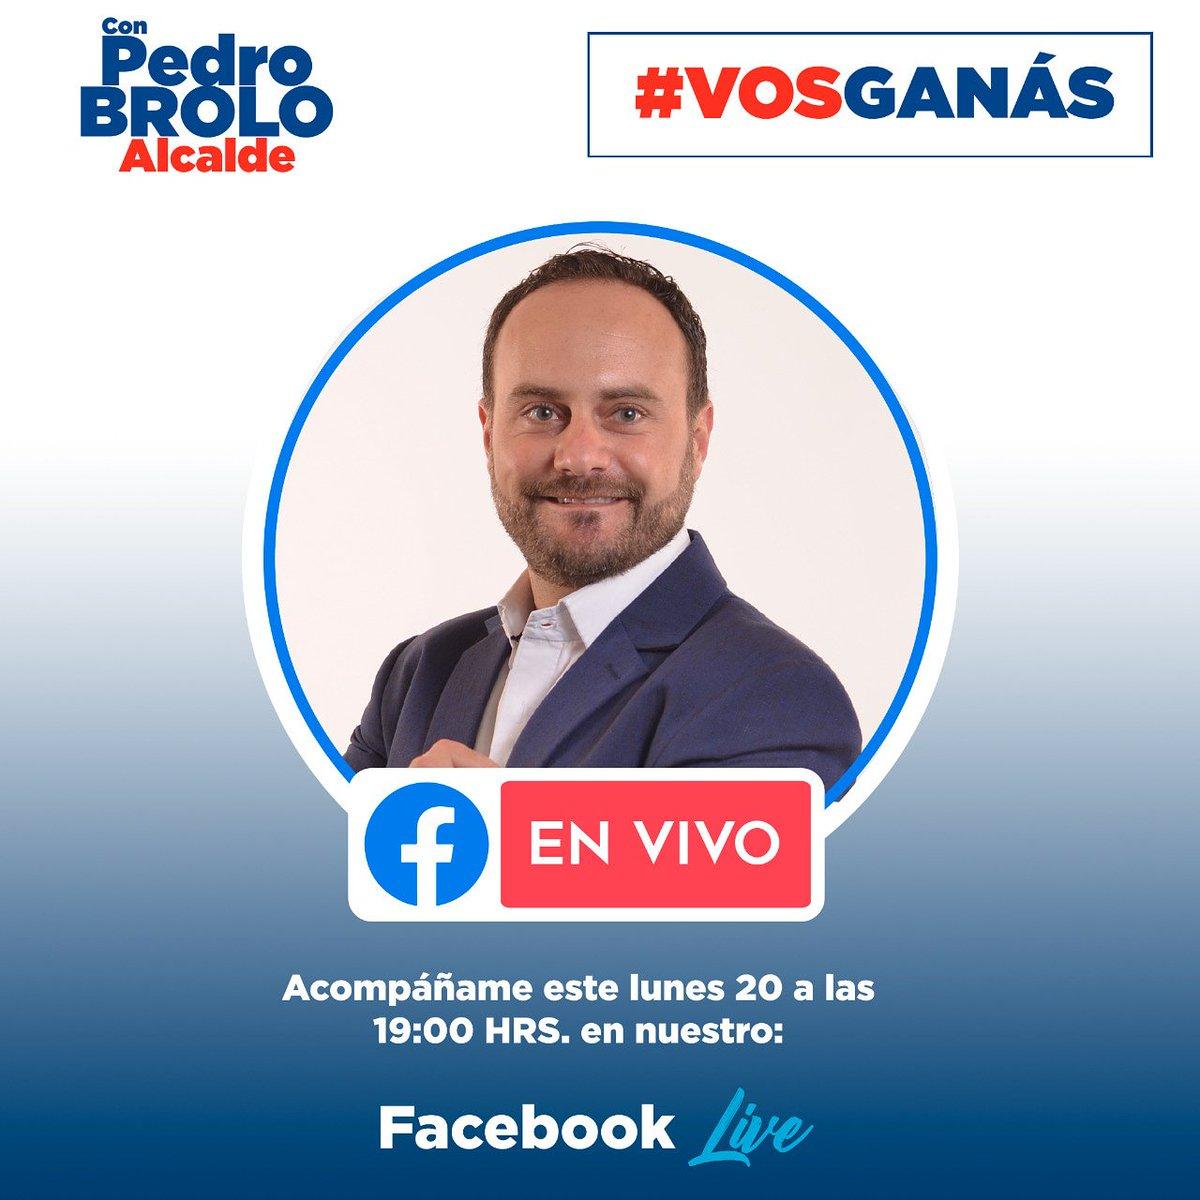 Esta noche estaré en vivo  por Facebook para hablar acerca de nuestro Plan Tu Basura Vale.   Con #PedroBrolo #Alcalde #VosGanás #Guatemala